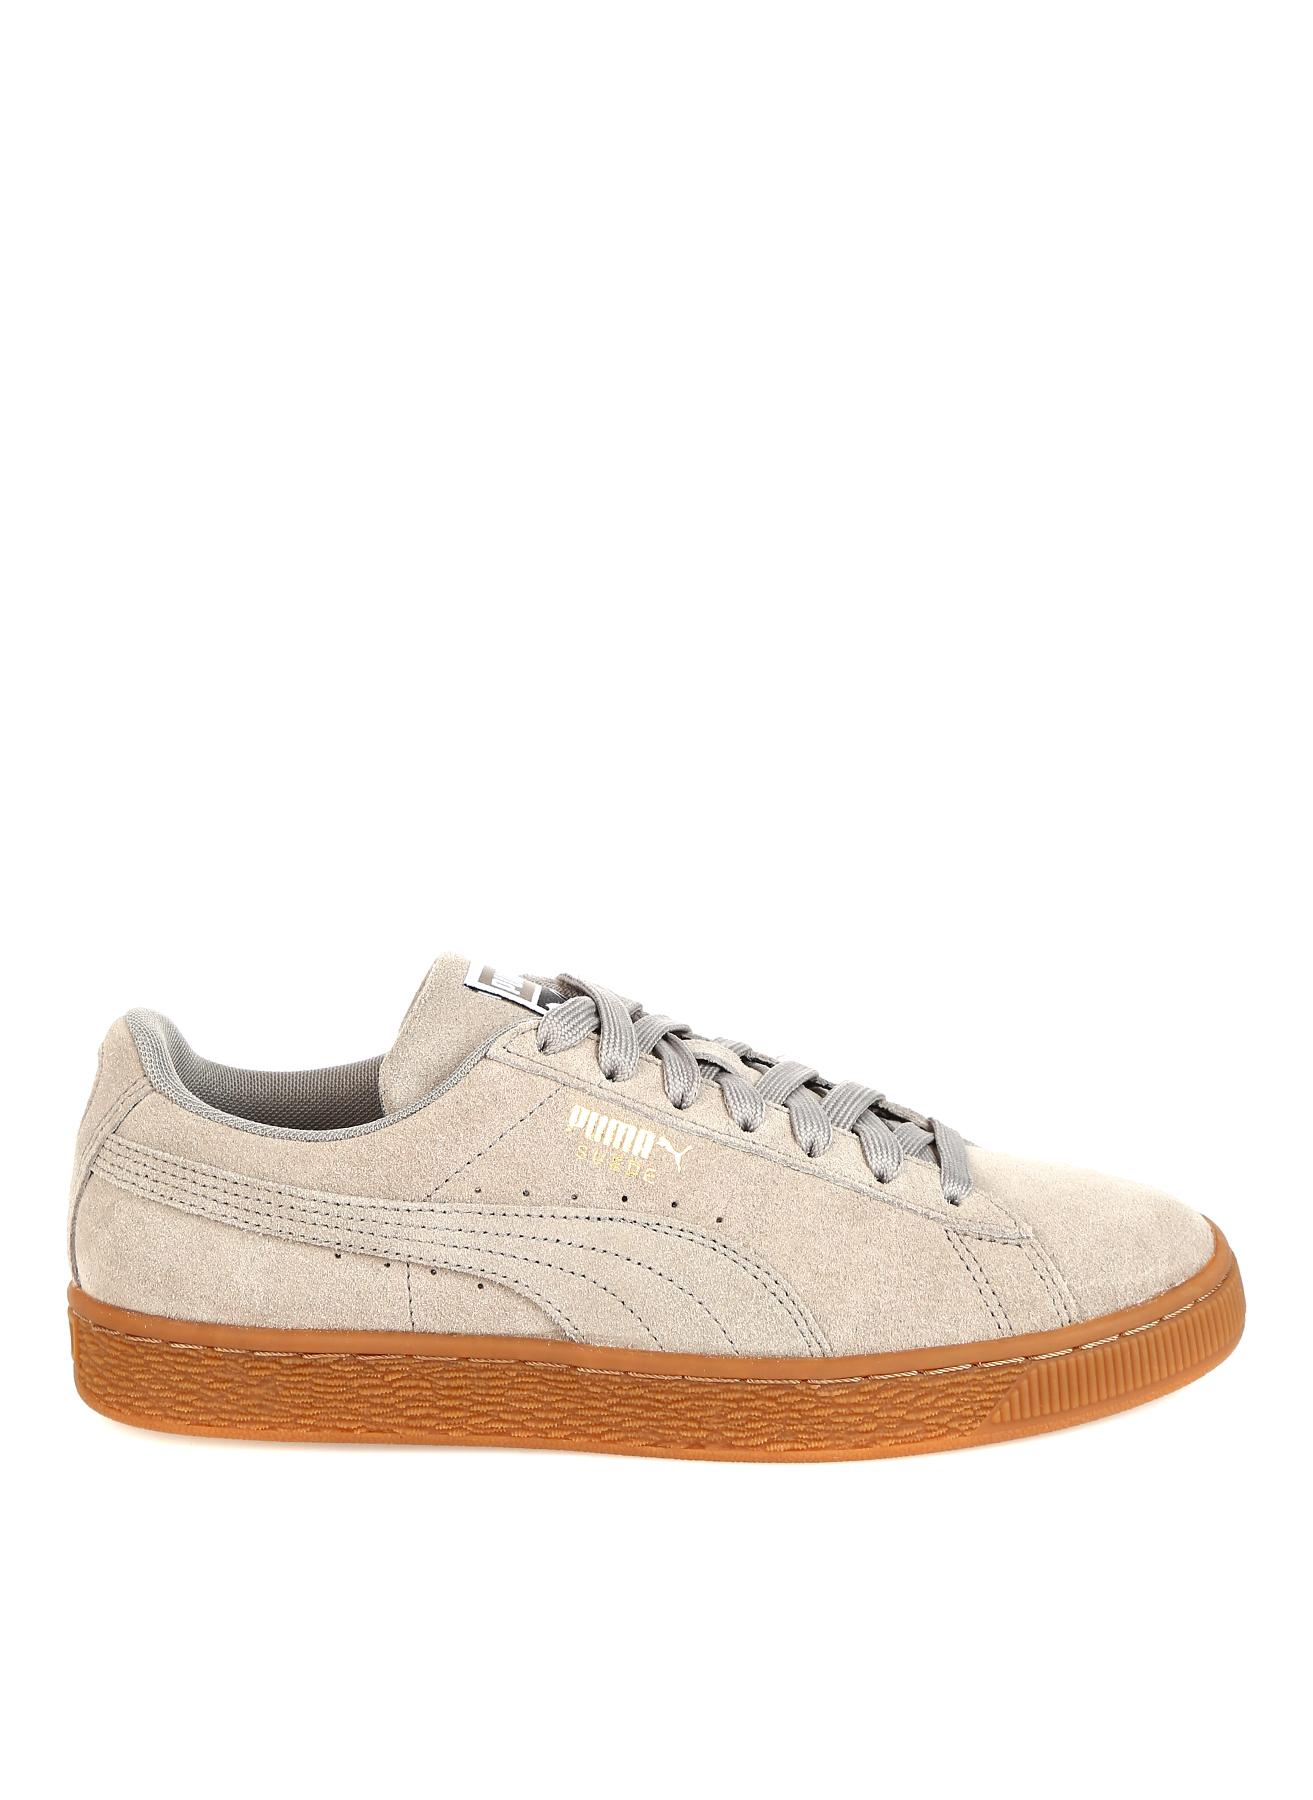 Puma Suede Classic Lifestyle Ayakkabı 43 5001632625006 Ürün Resmi